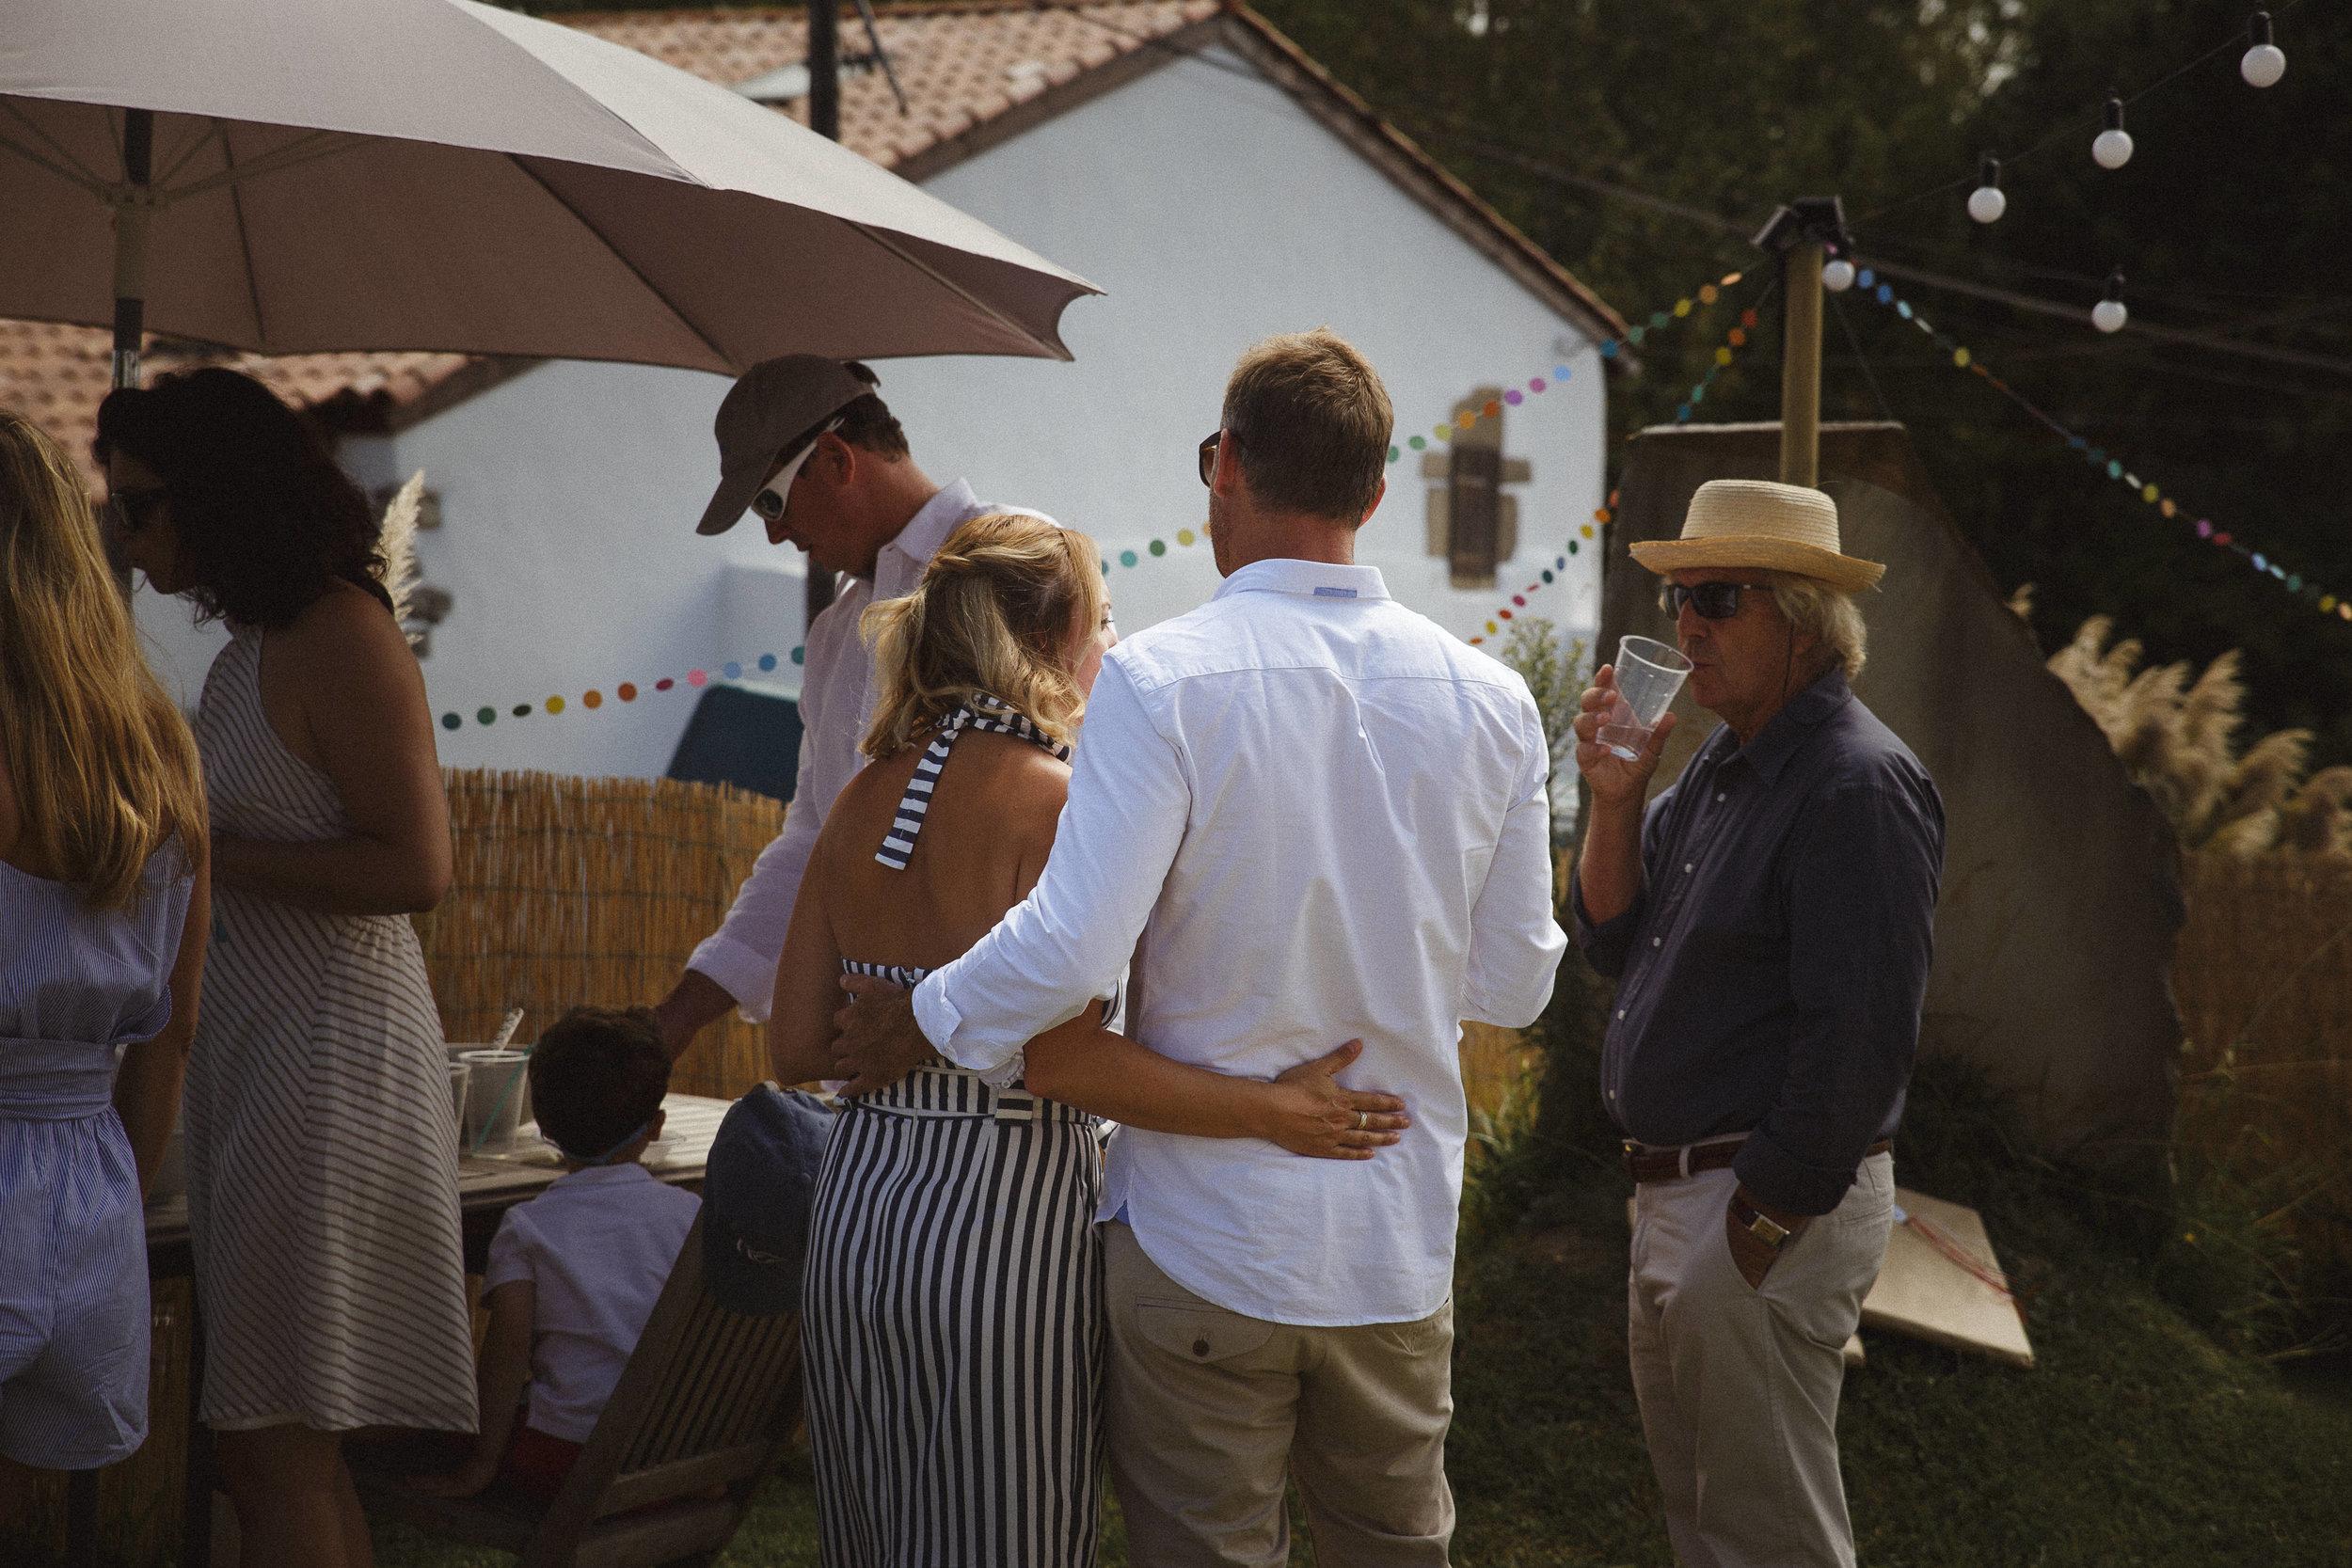 Louise&Olivier-La-Femme-Groubouillage-Wedding-Photography(20).jpg